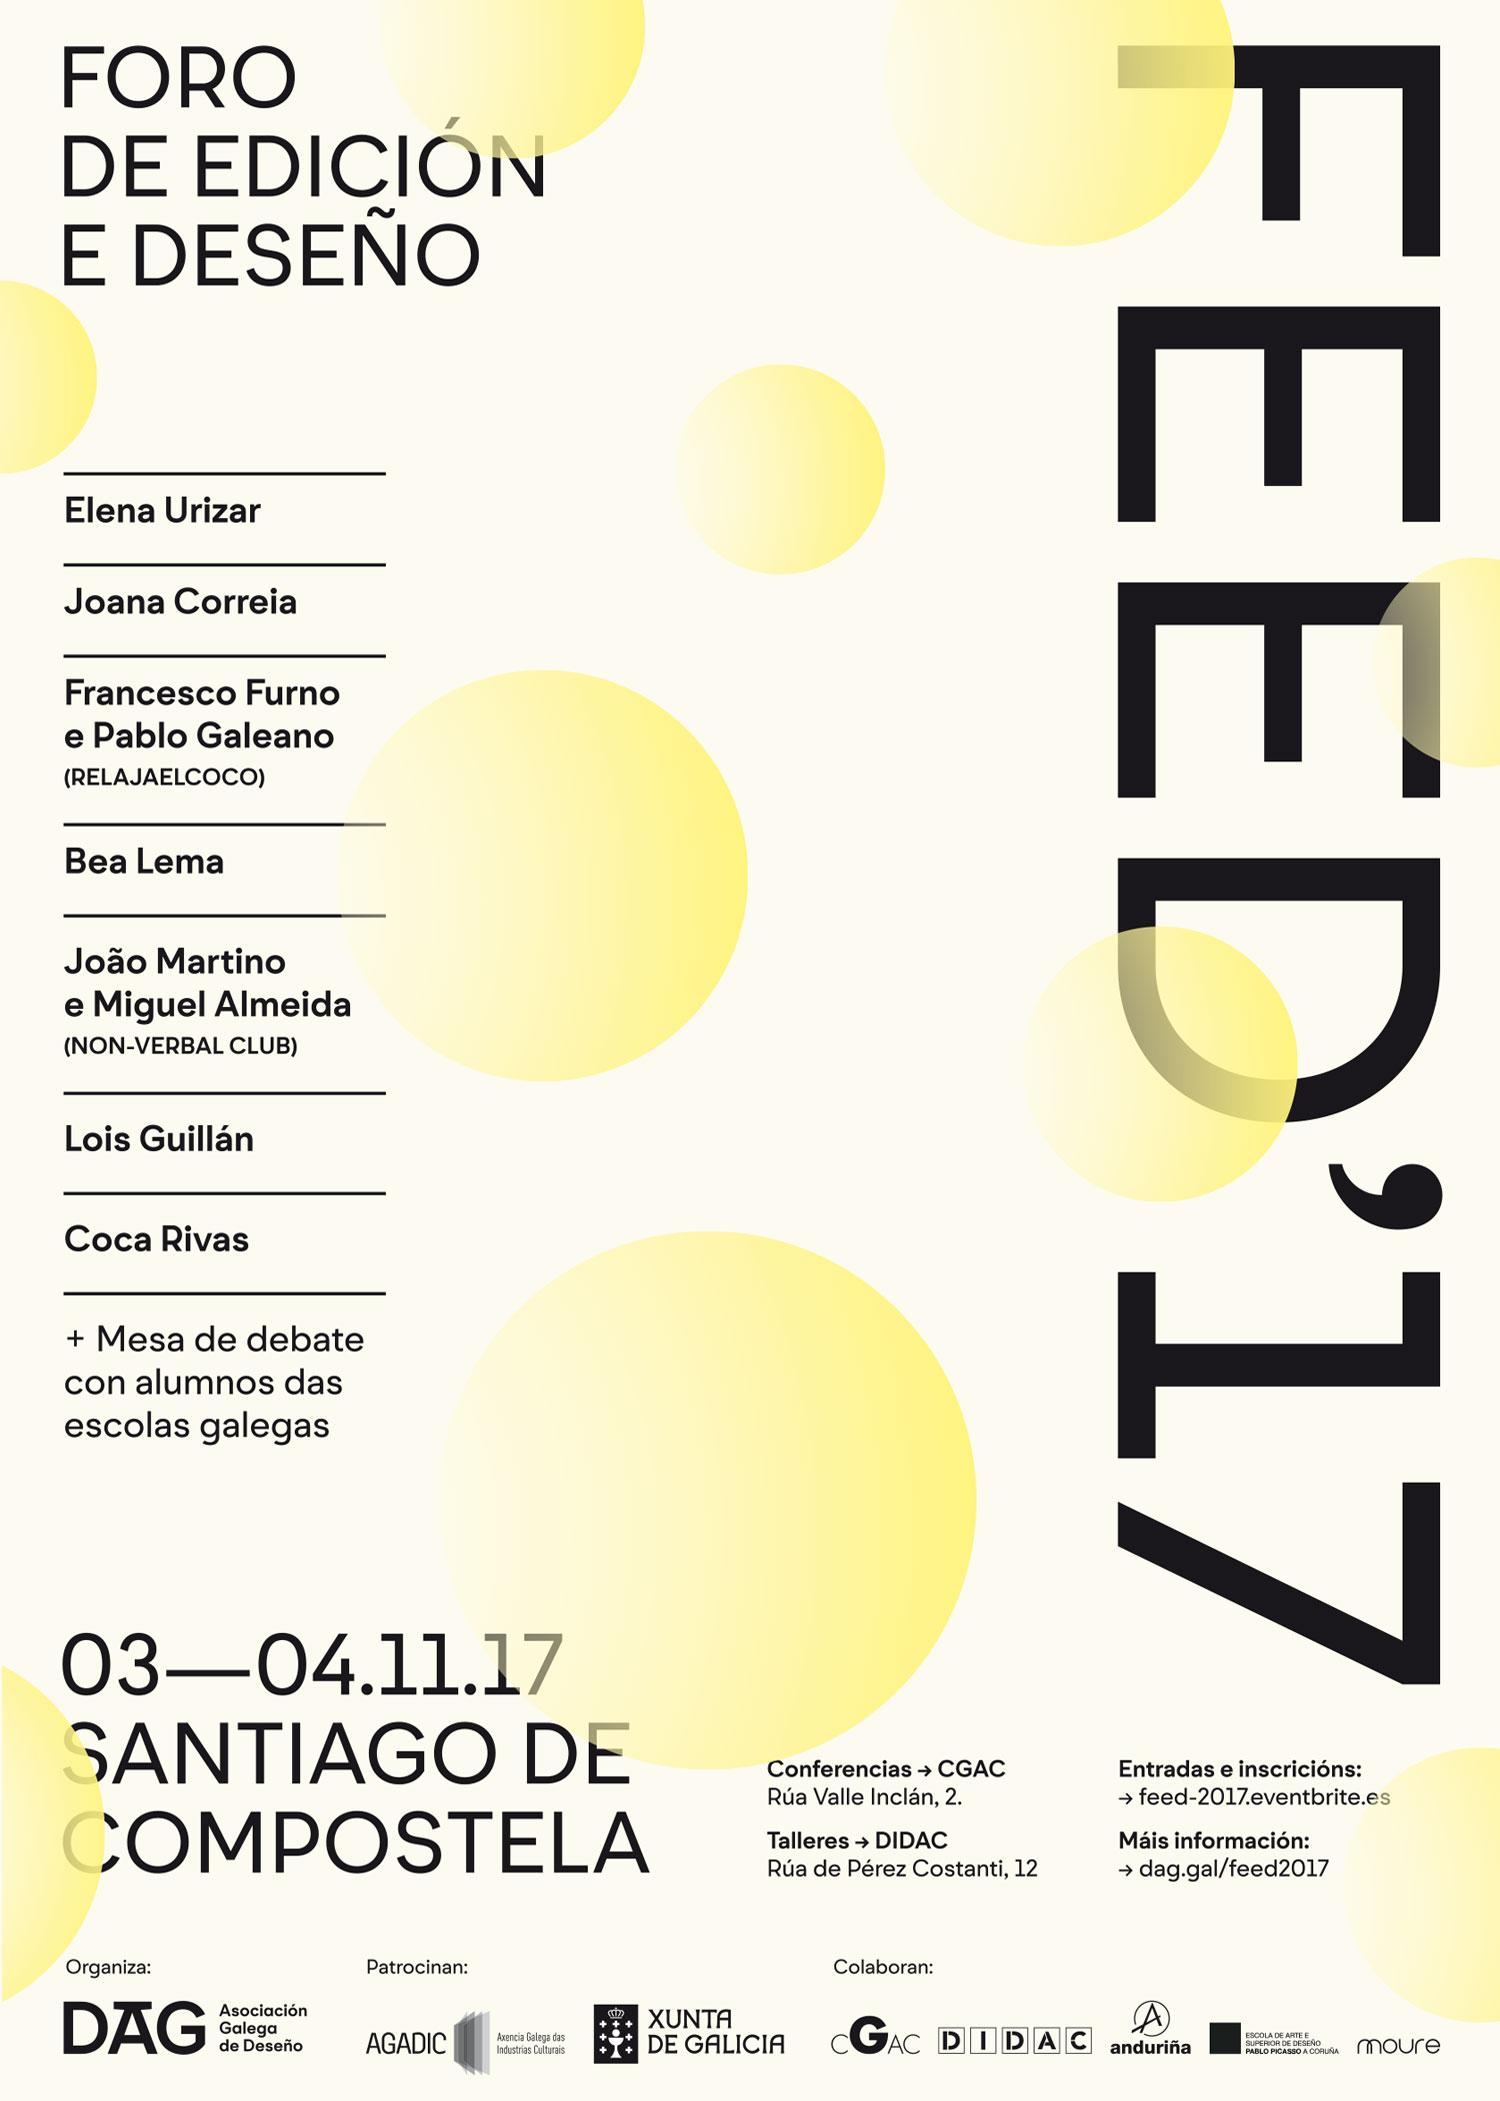 Cartel Foro de Edición y Diseño, FEED 2017